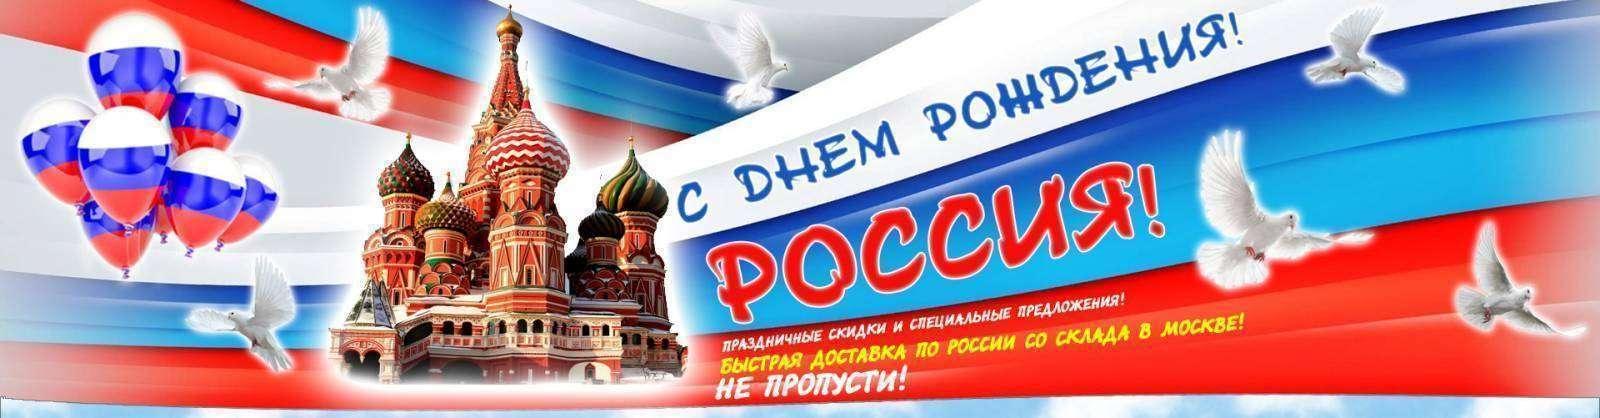 GearBest: Gearbest поздравляет с Днем России и в подарок открытие склада в Москве